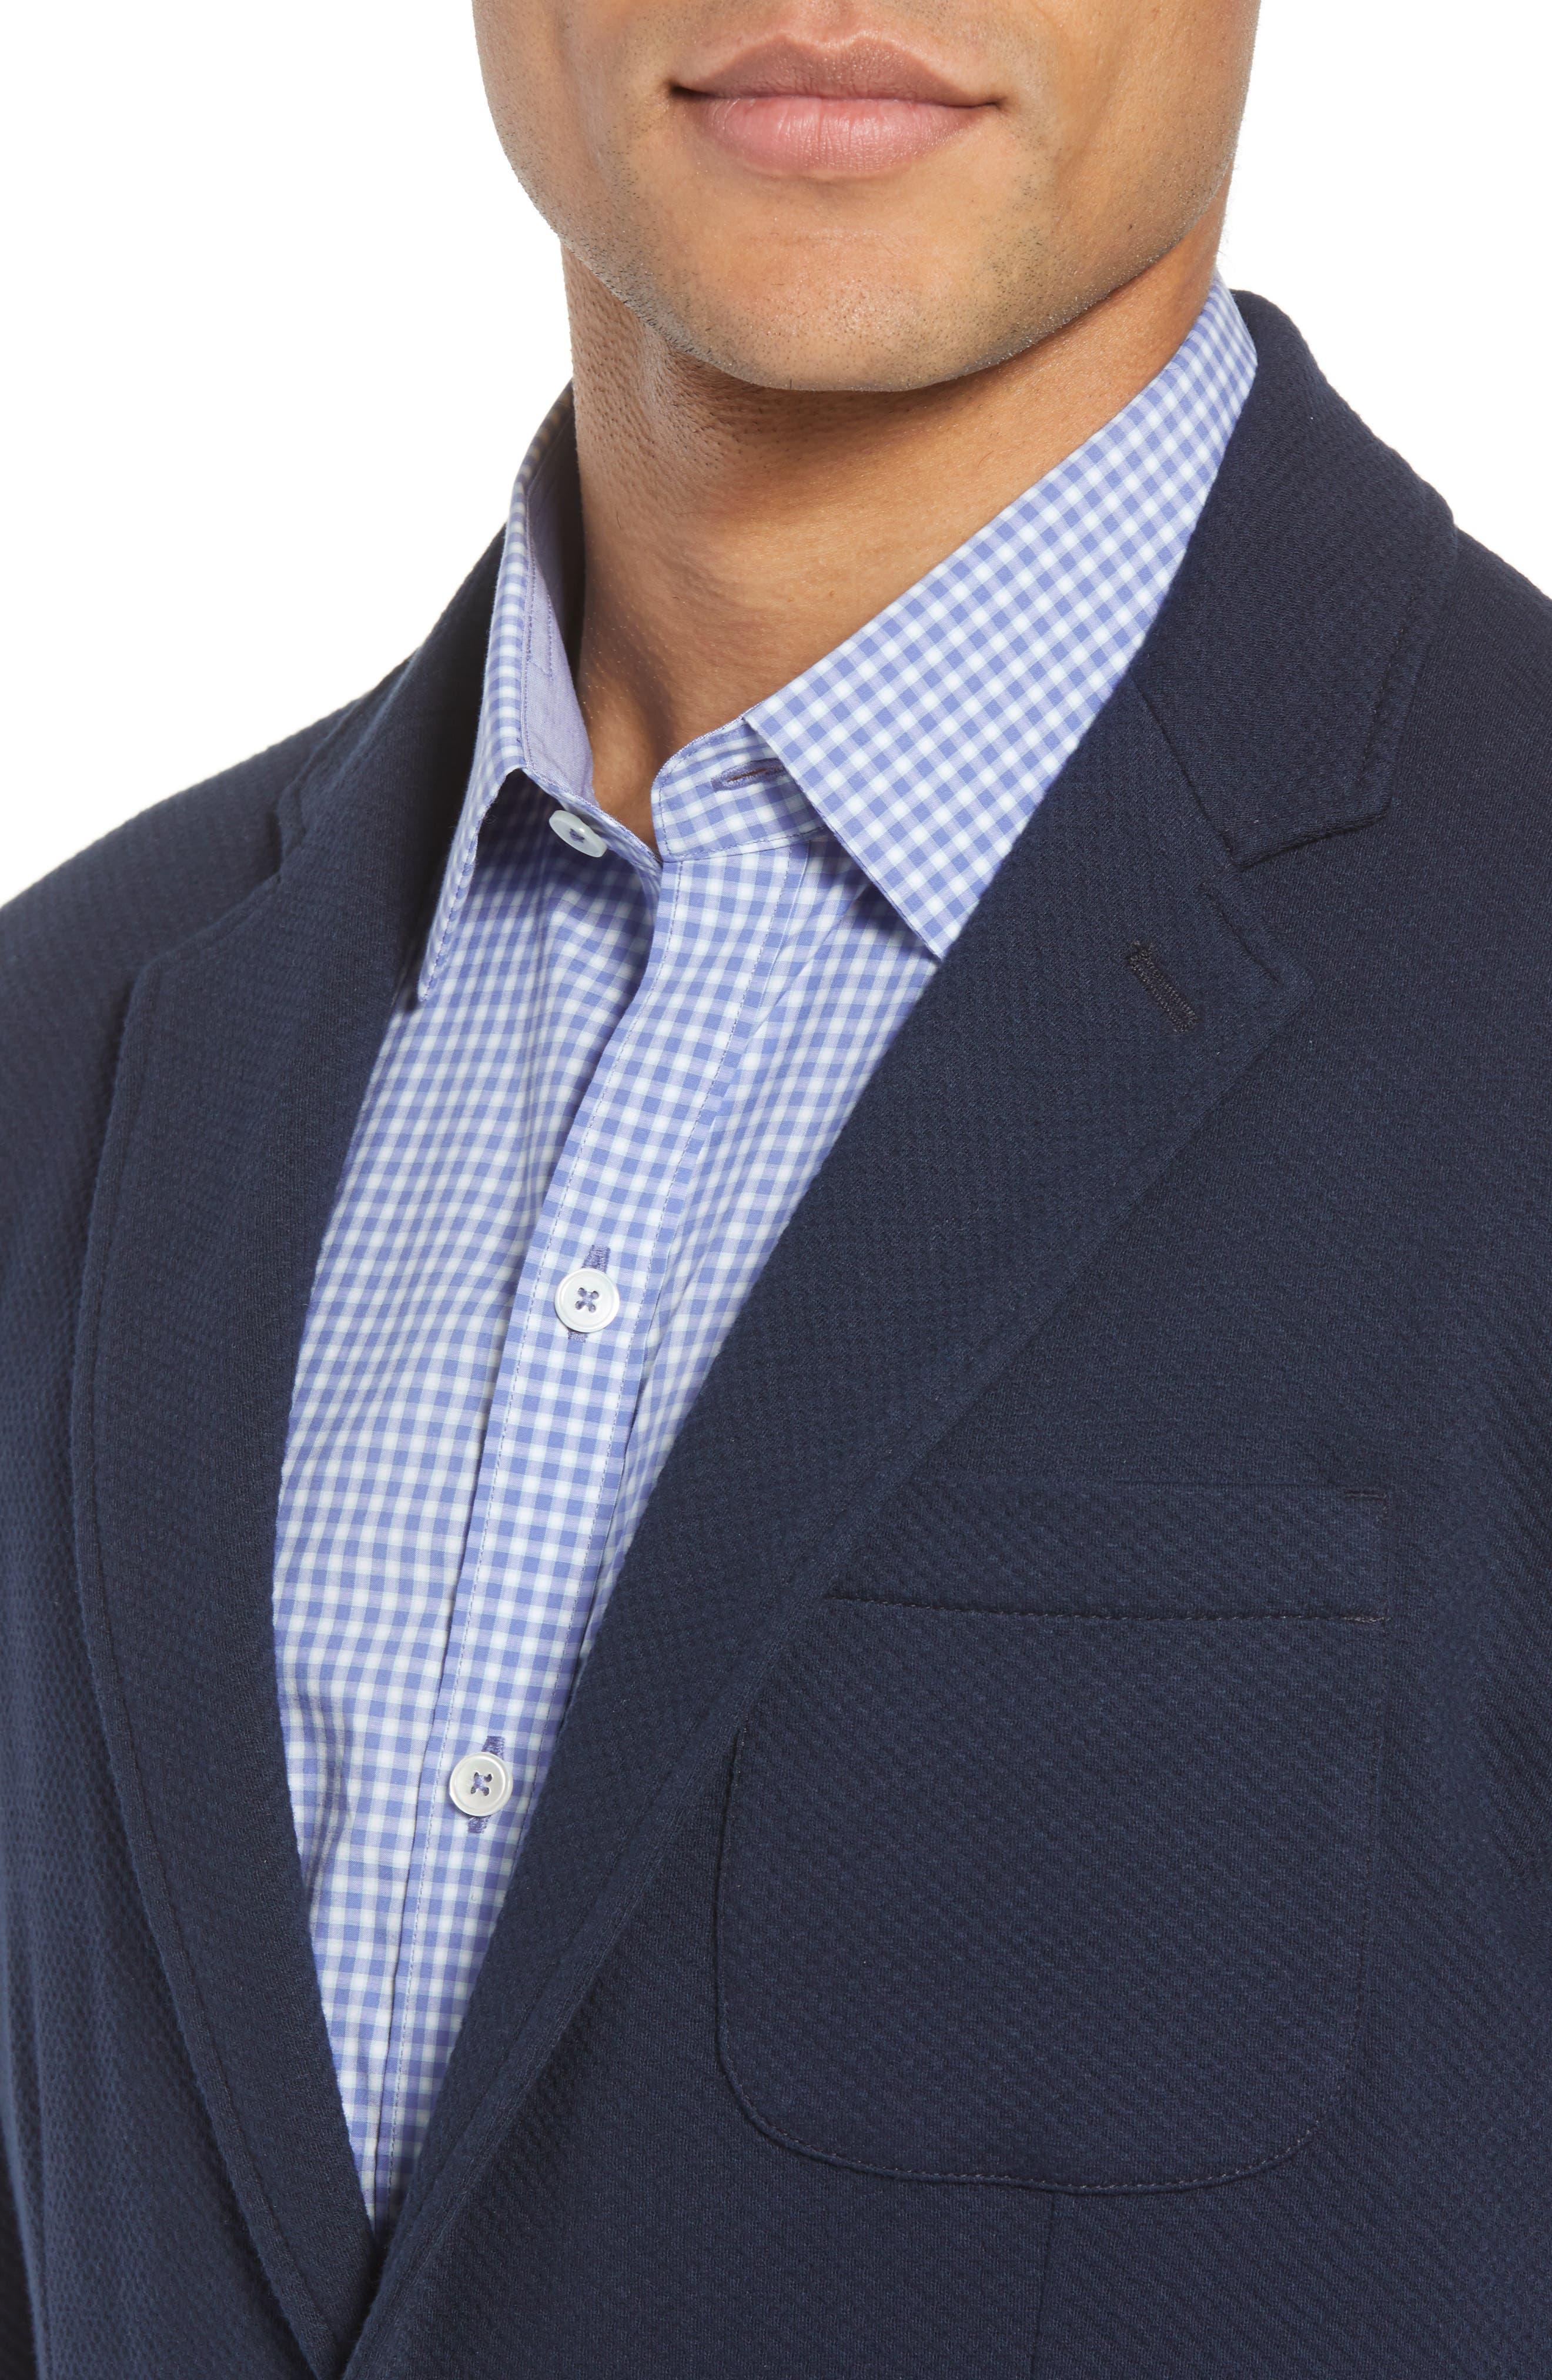 Baylor Regular Fit Knit Sport Coat,                             Alternate thumbnail 4, color,                             410